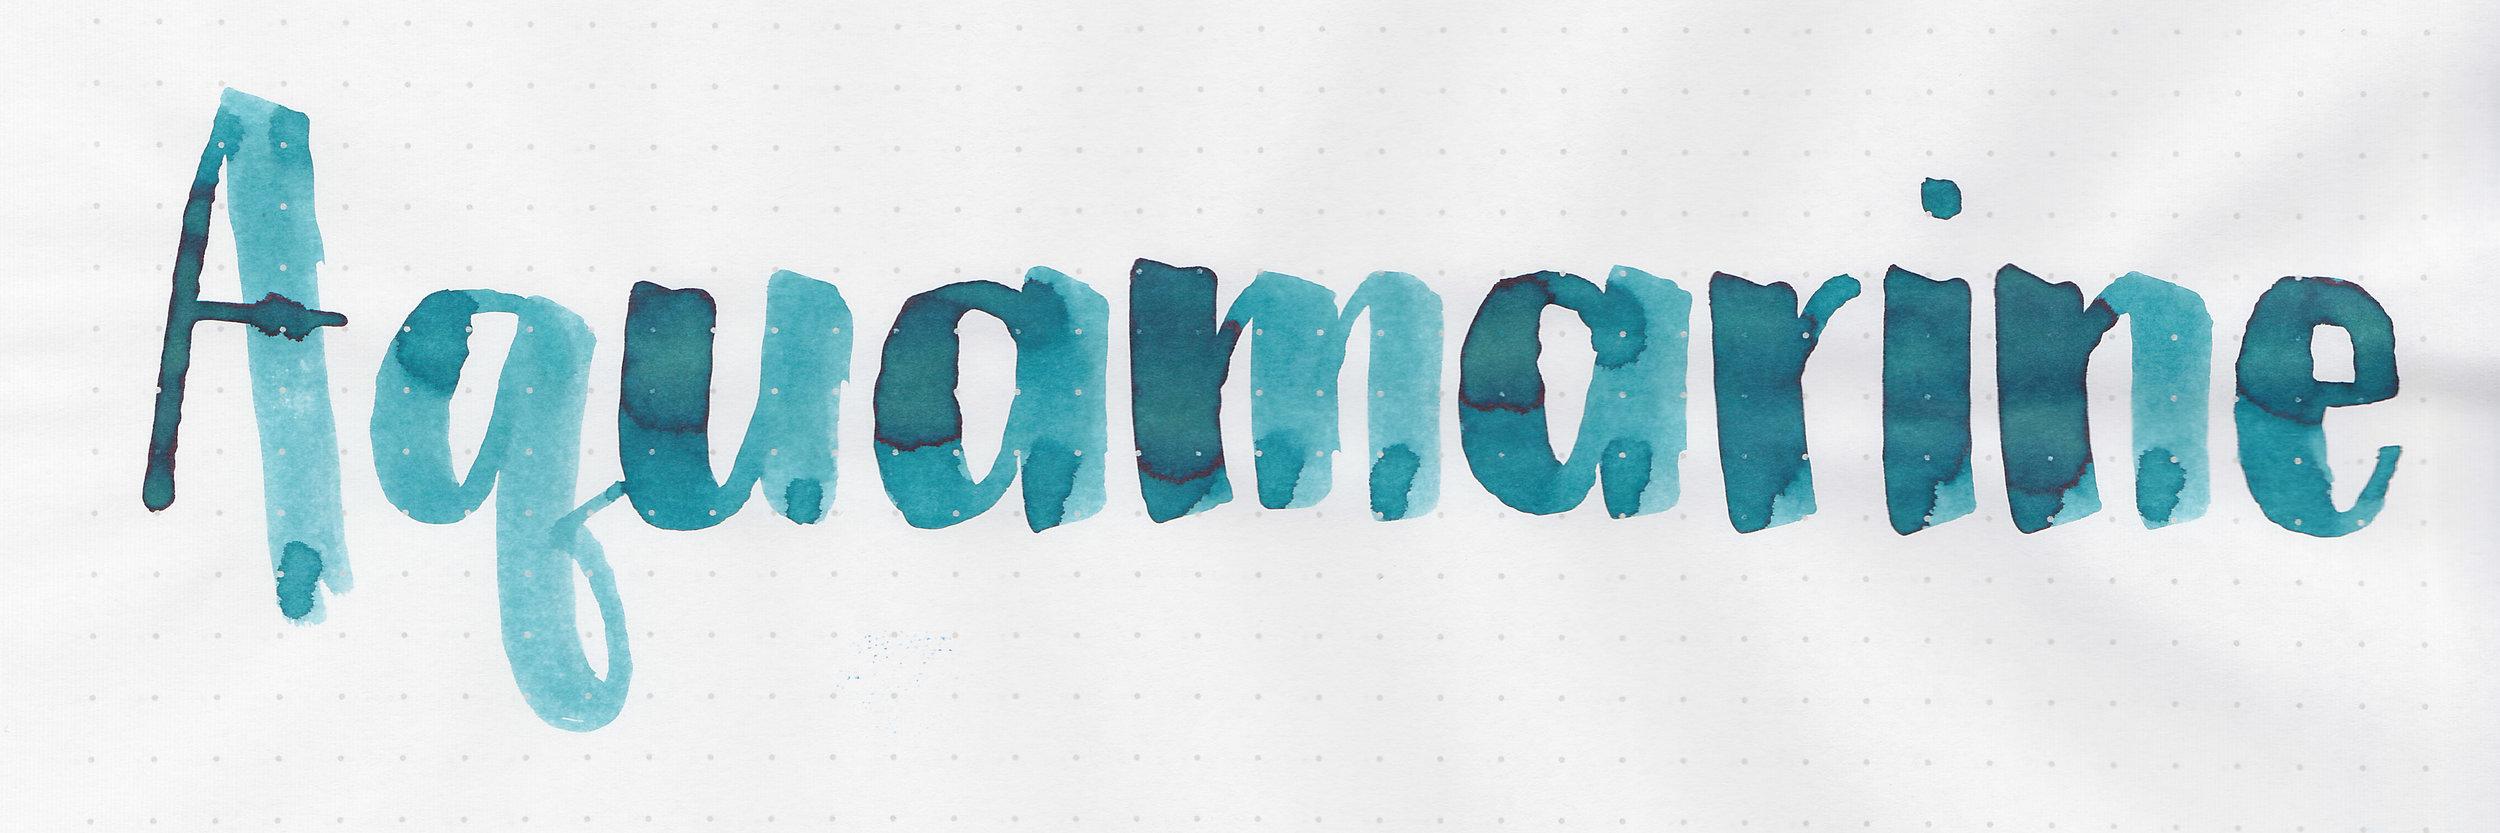 pe-aquamarine-2.jpg